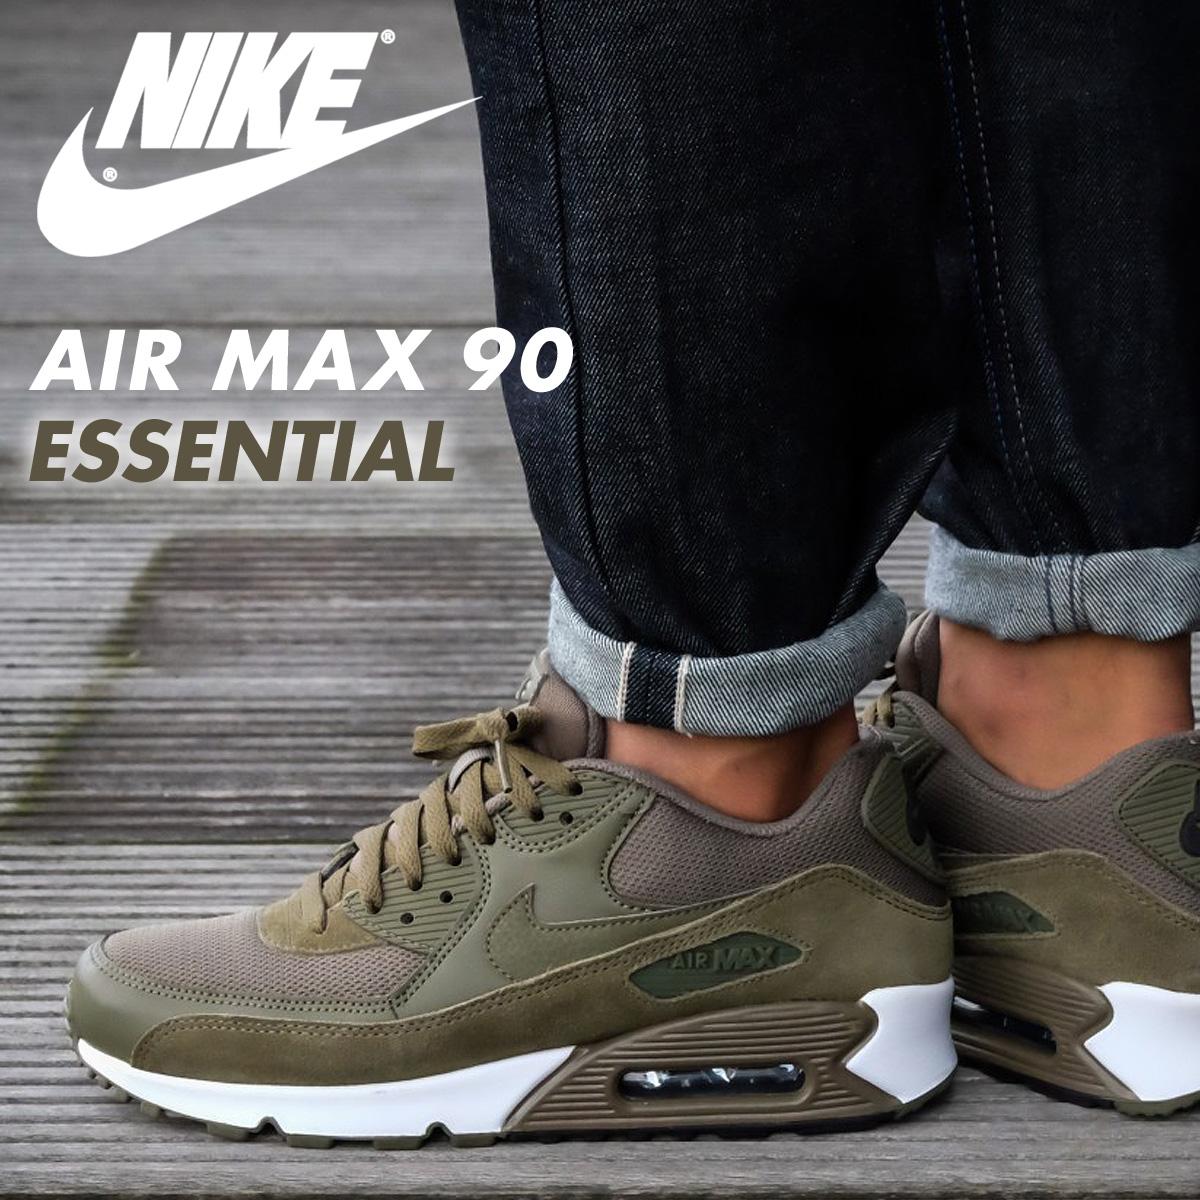 nike air max 90 essential 537384 201